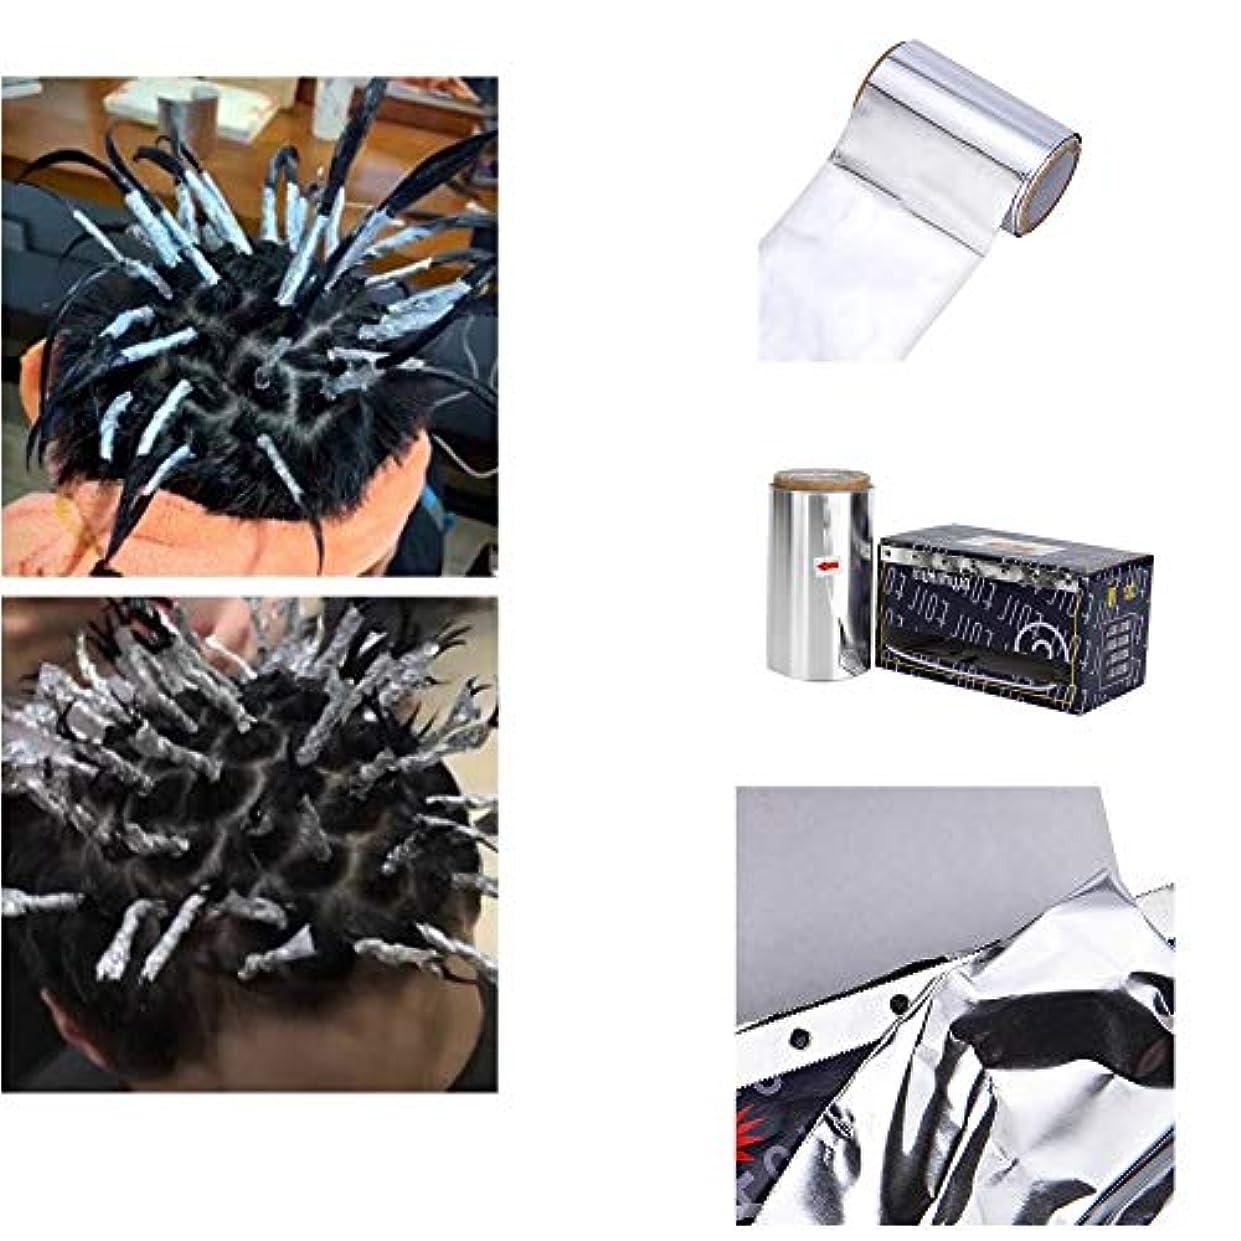 味付け予定プログラムACHICOO アルミ箔 テープ 耐熱性 理髪 美髪 用品 ヘアパーマスタイリング ツール ヘアカラー